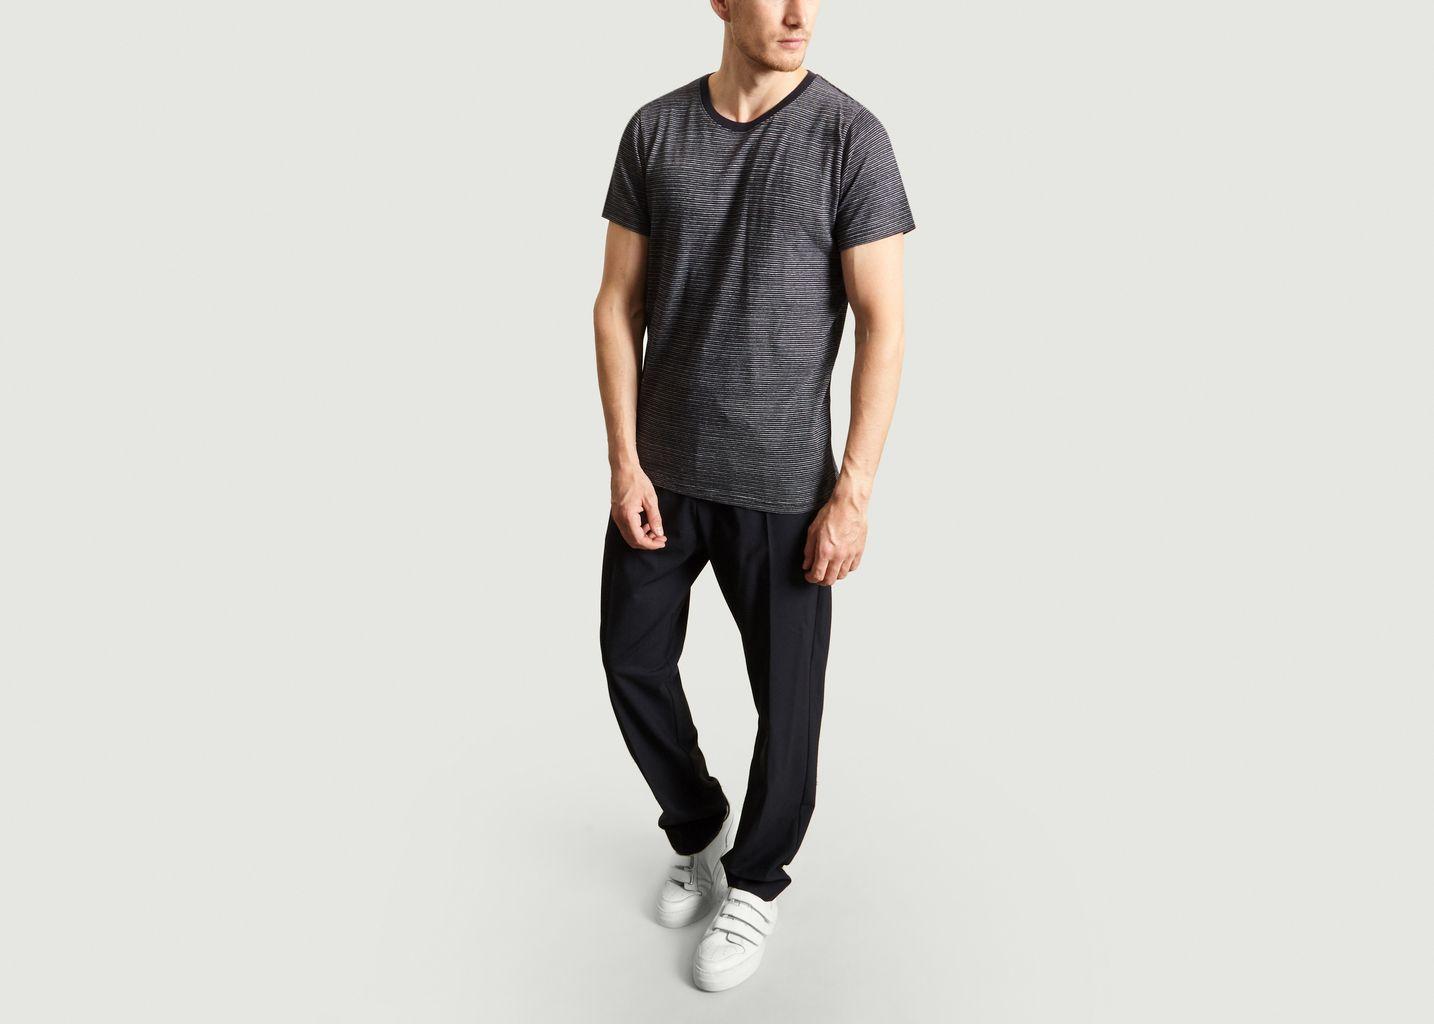 T-shirt Newton - SUIT